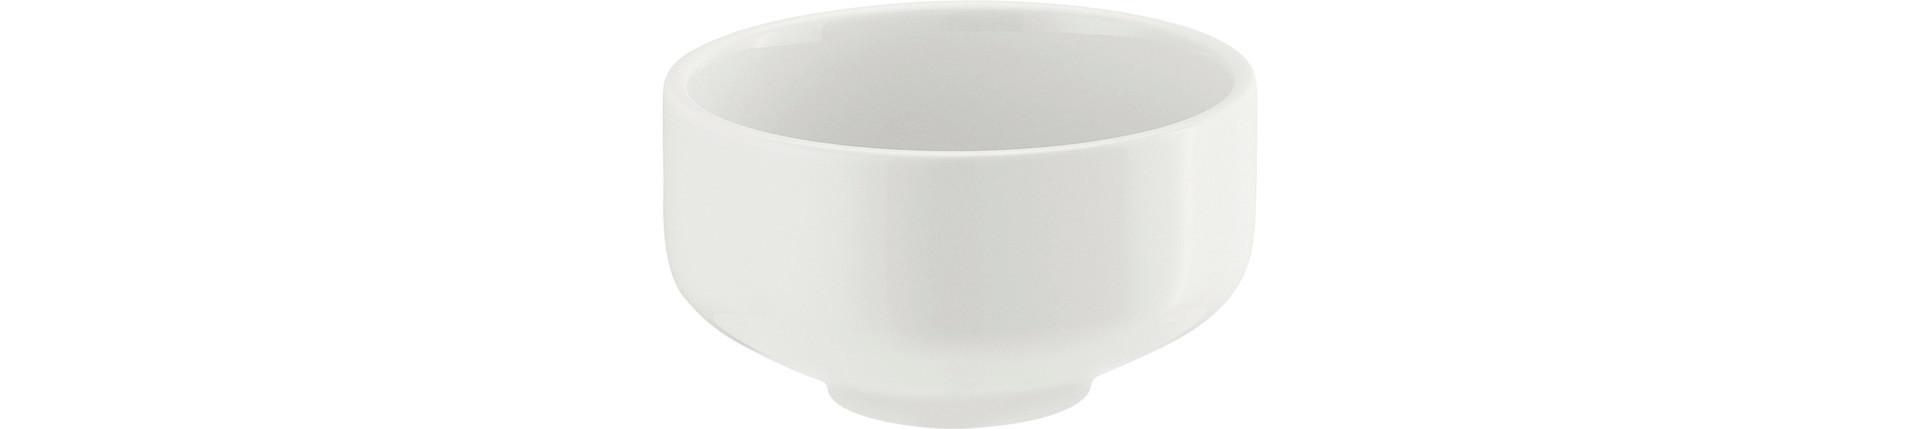 Shiro, Bowl / Cafe au Lait ø 111 mm / 0,33 l